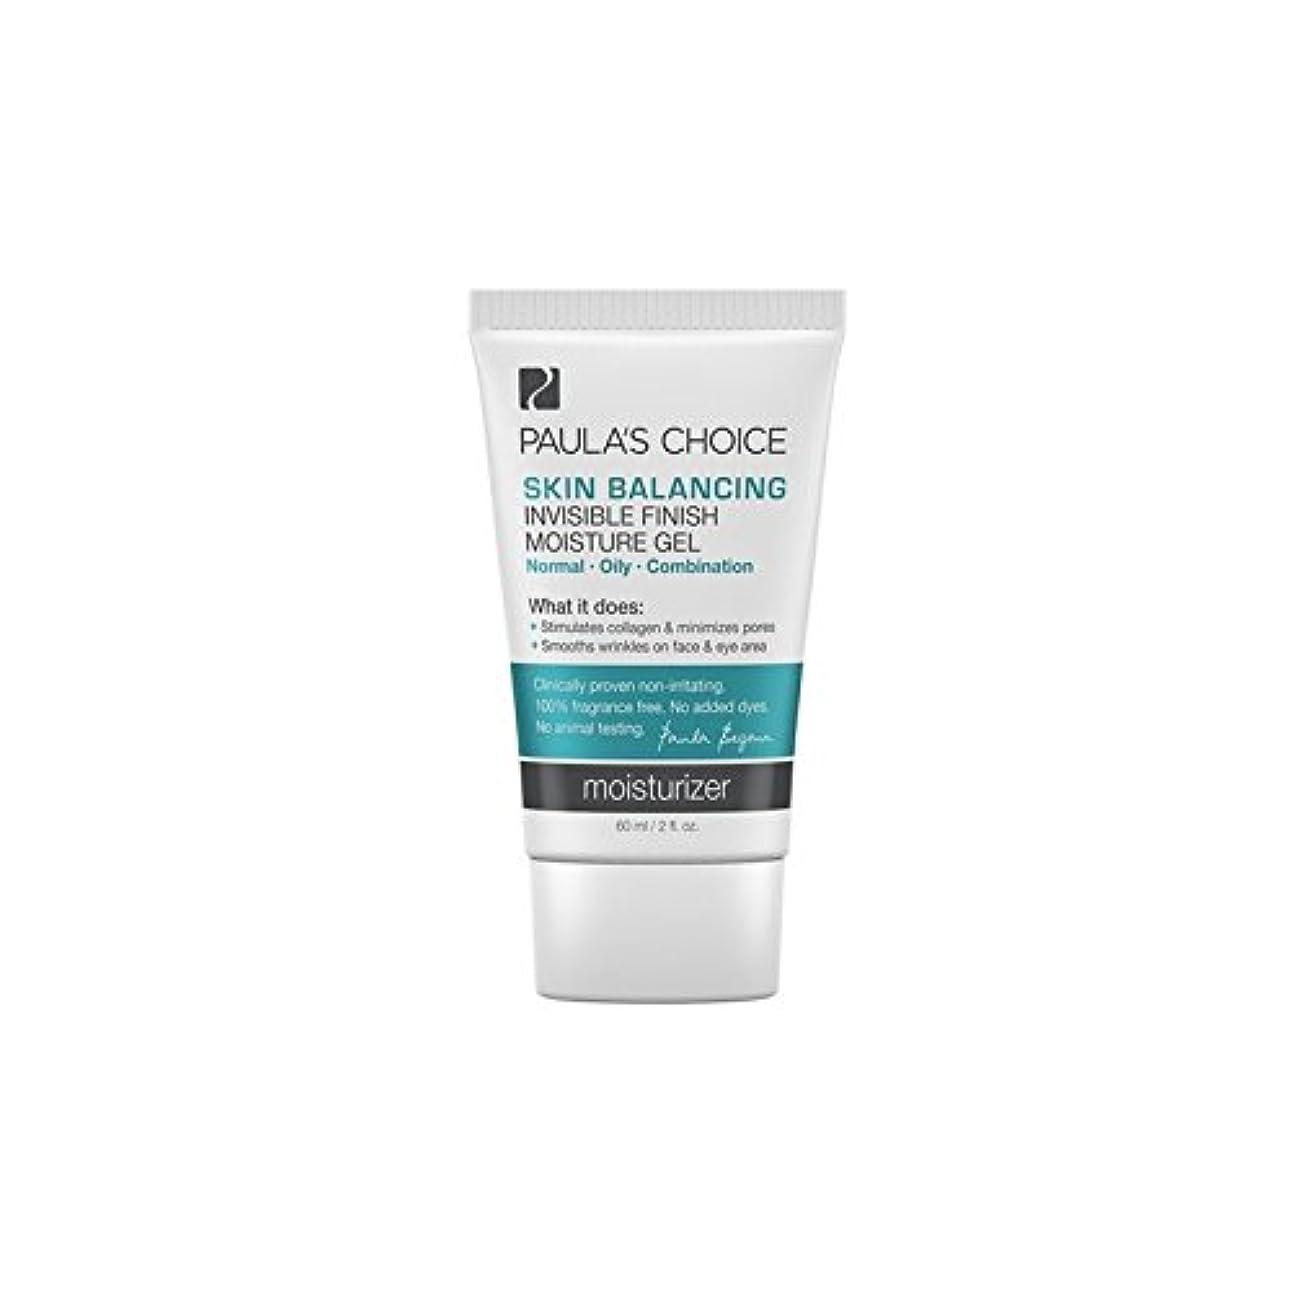 降ろす回想ドアポーラチョイスの肌のバランス目に見えない仕上がり水分ゲル(60ミリリットル) x2 - Paula's Choice Skin Balancing Invisible Finish Moisture Gel (60ml) (Pack of 2) [並行輸入品]